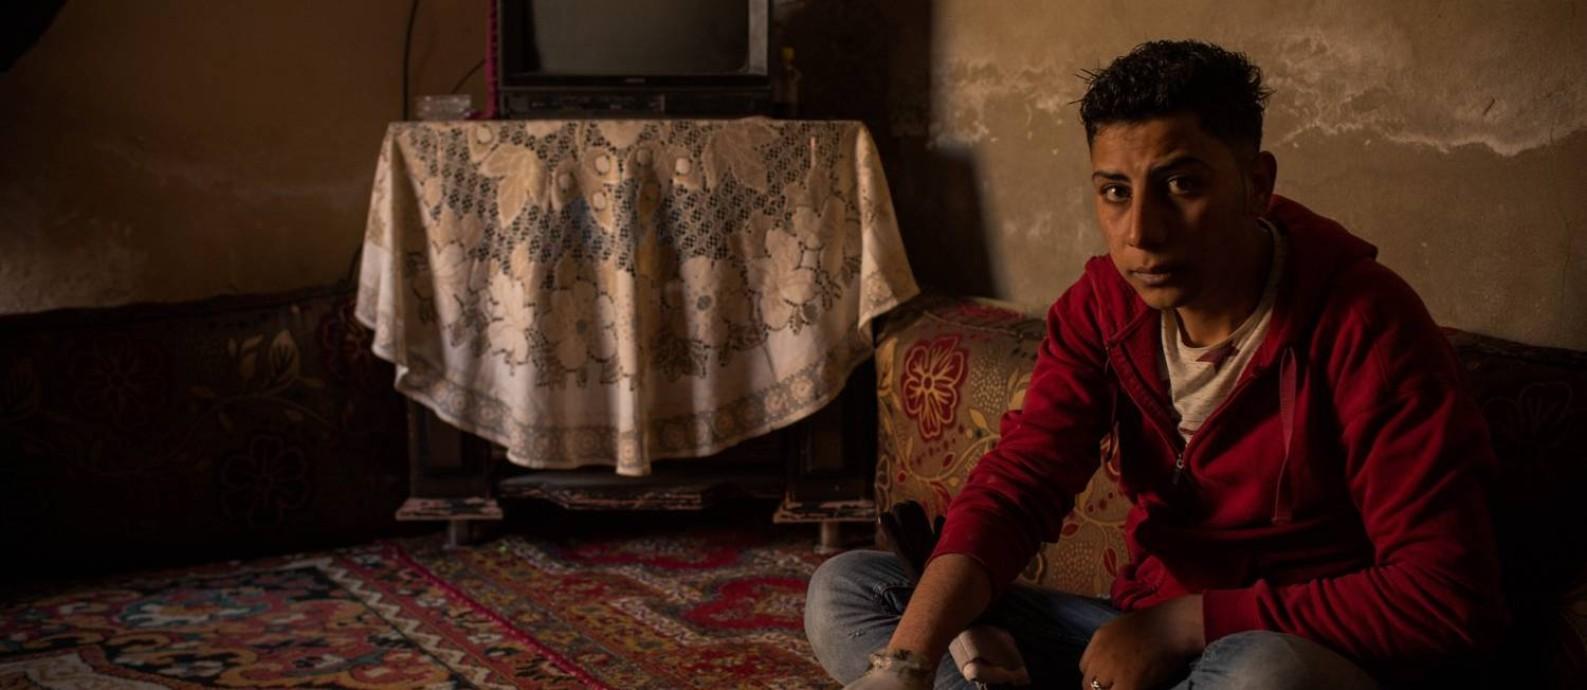 Abed Shebab, de 19 anos, e a prótese improvisada: jovem de Raqqa que teve a mão decepada pelo Estado Islâmico adaptou a mão de um manequim de loja ao seu pulso Foto: Yan Boechat